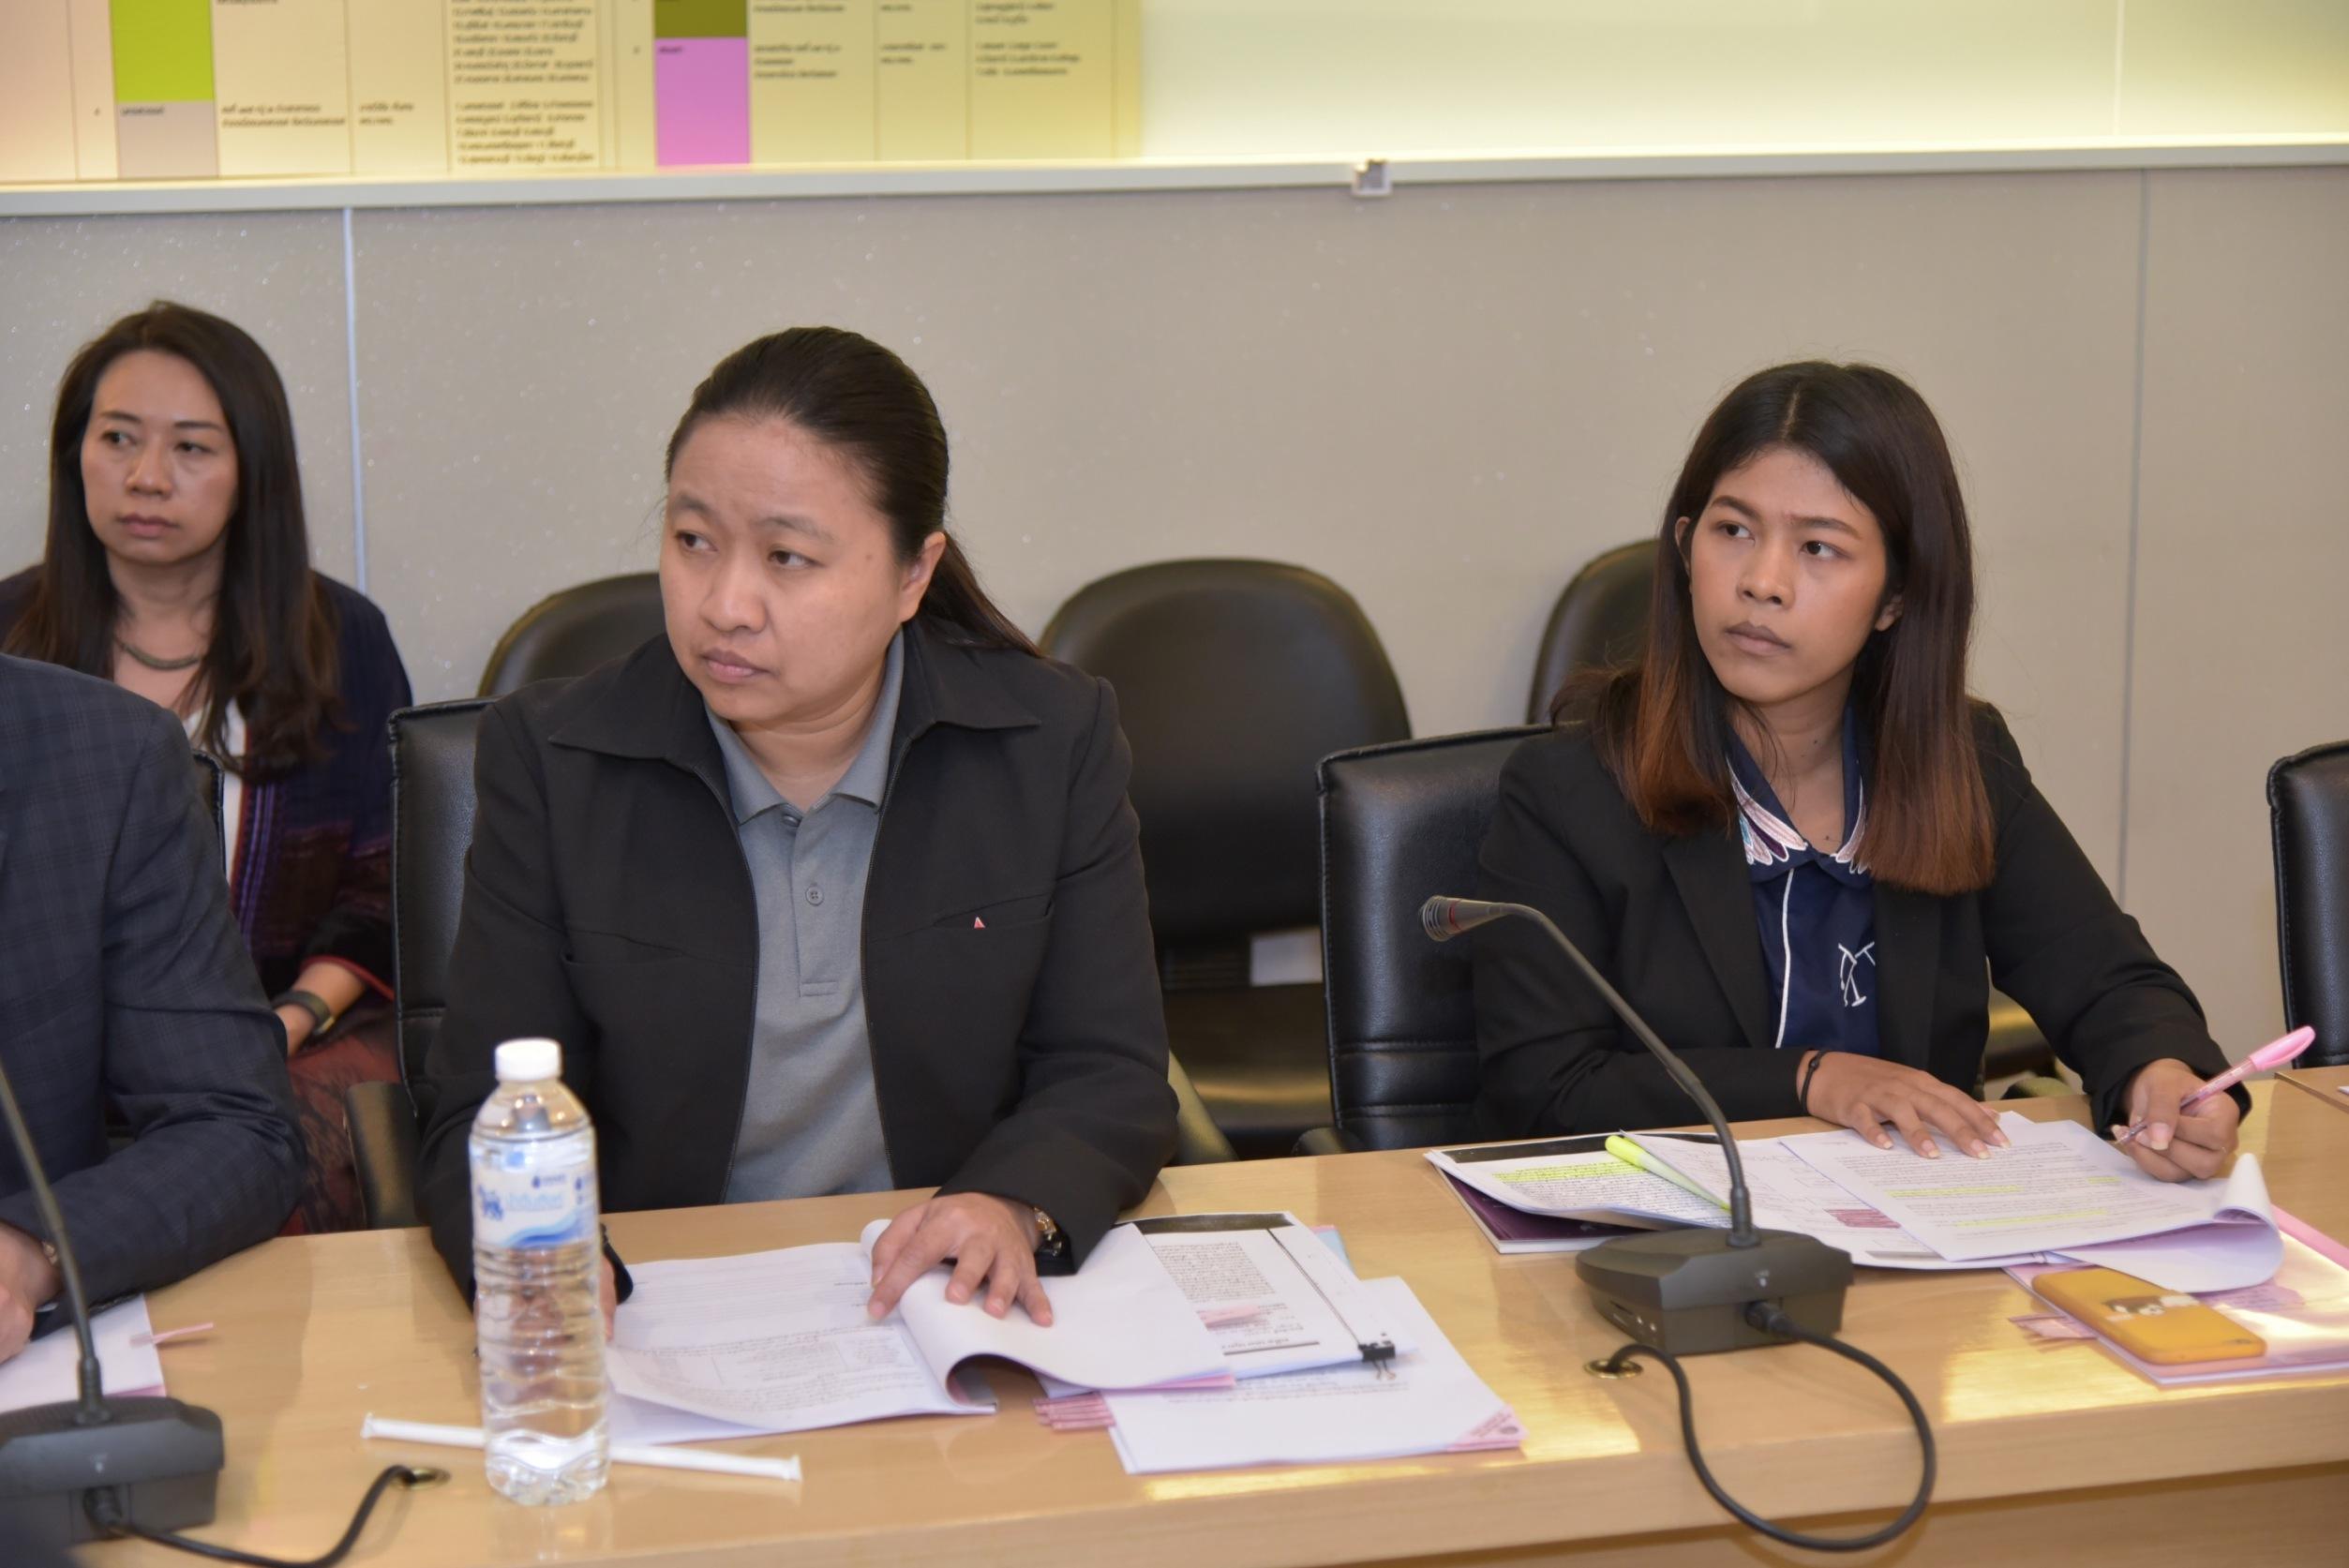 กรมการจัดหางาน ประชุมหารือแนวทางการดำเนินคดีนายจ้างที่กระทำความผิด